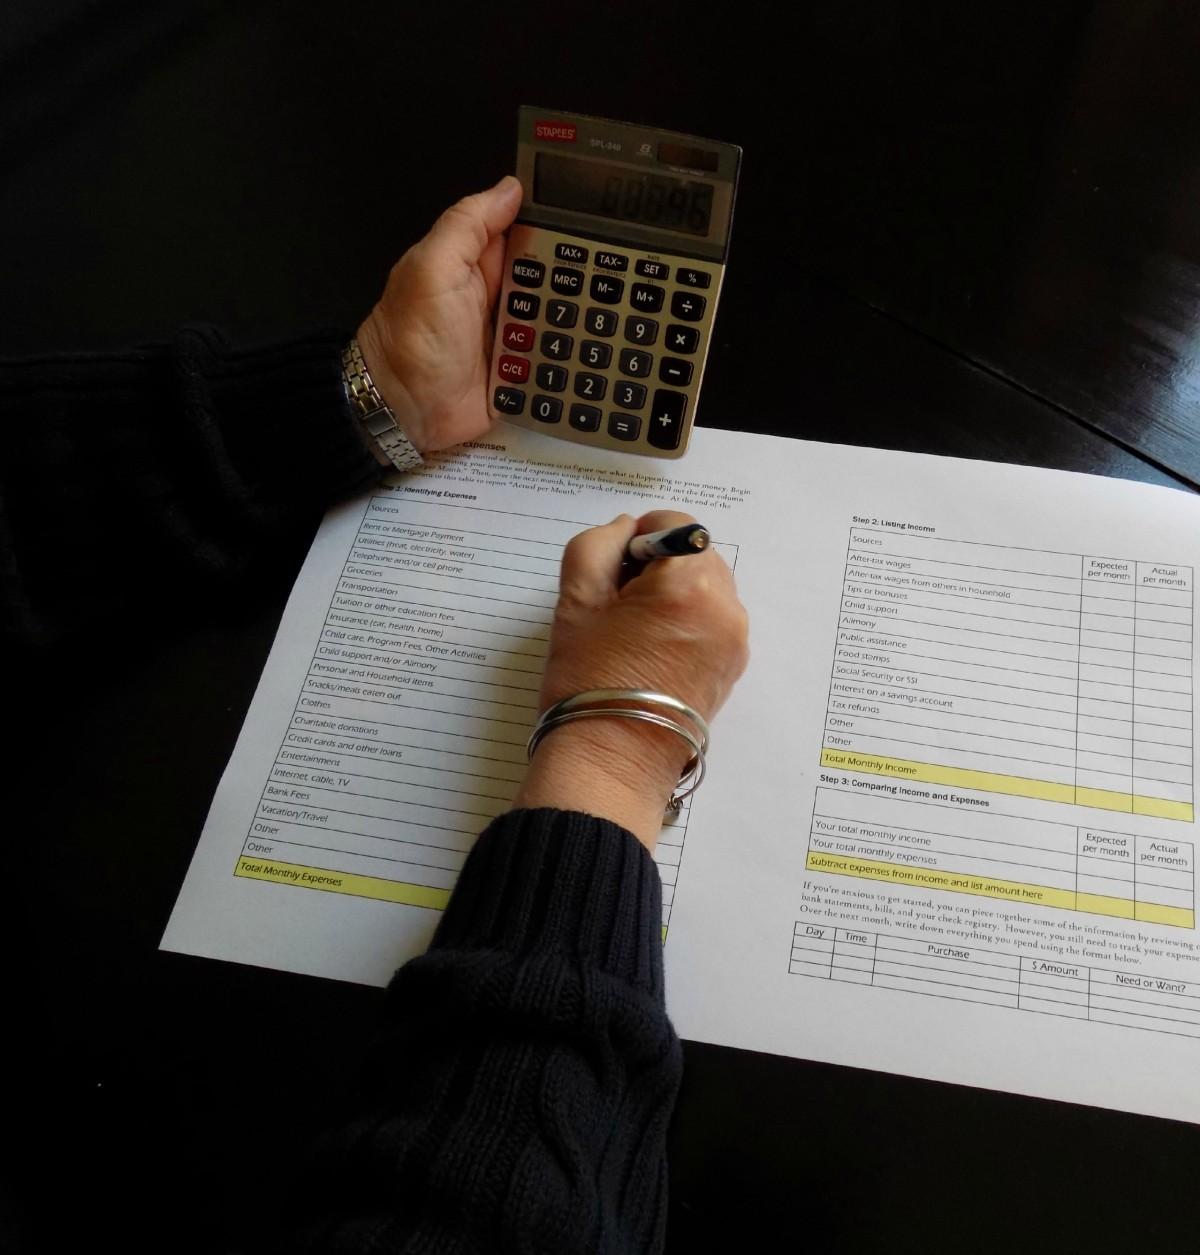 l'écriture main stylo argent Bureau math marque conception document forme calculatrice le revenu financier des économies la finance budget comptabilité calculer planification financière calculateur